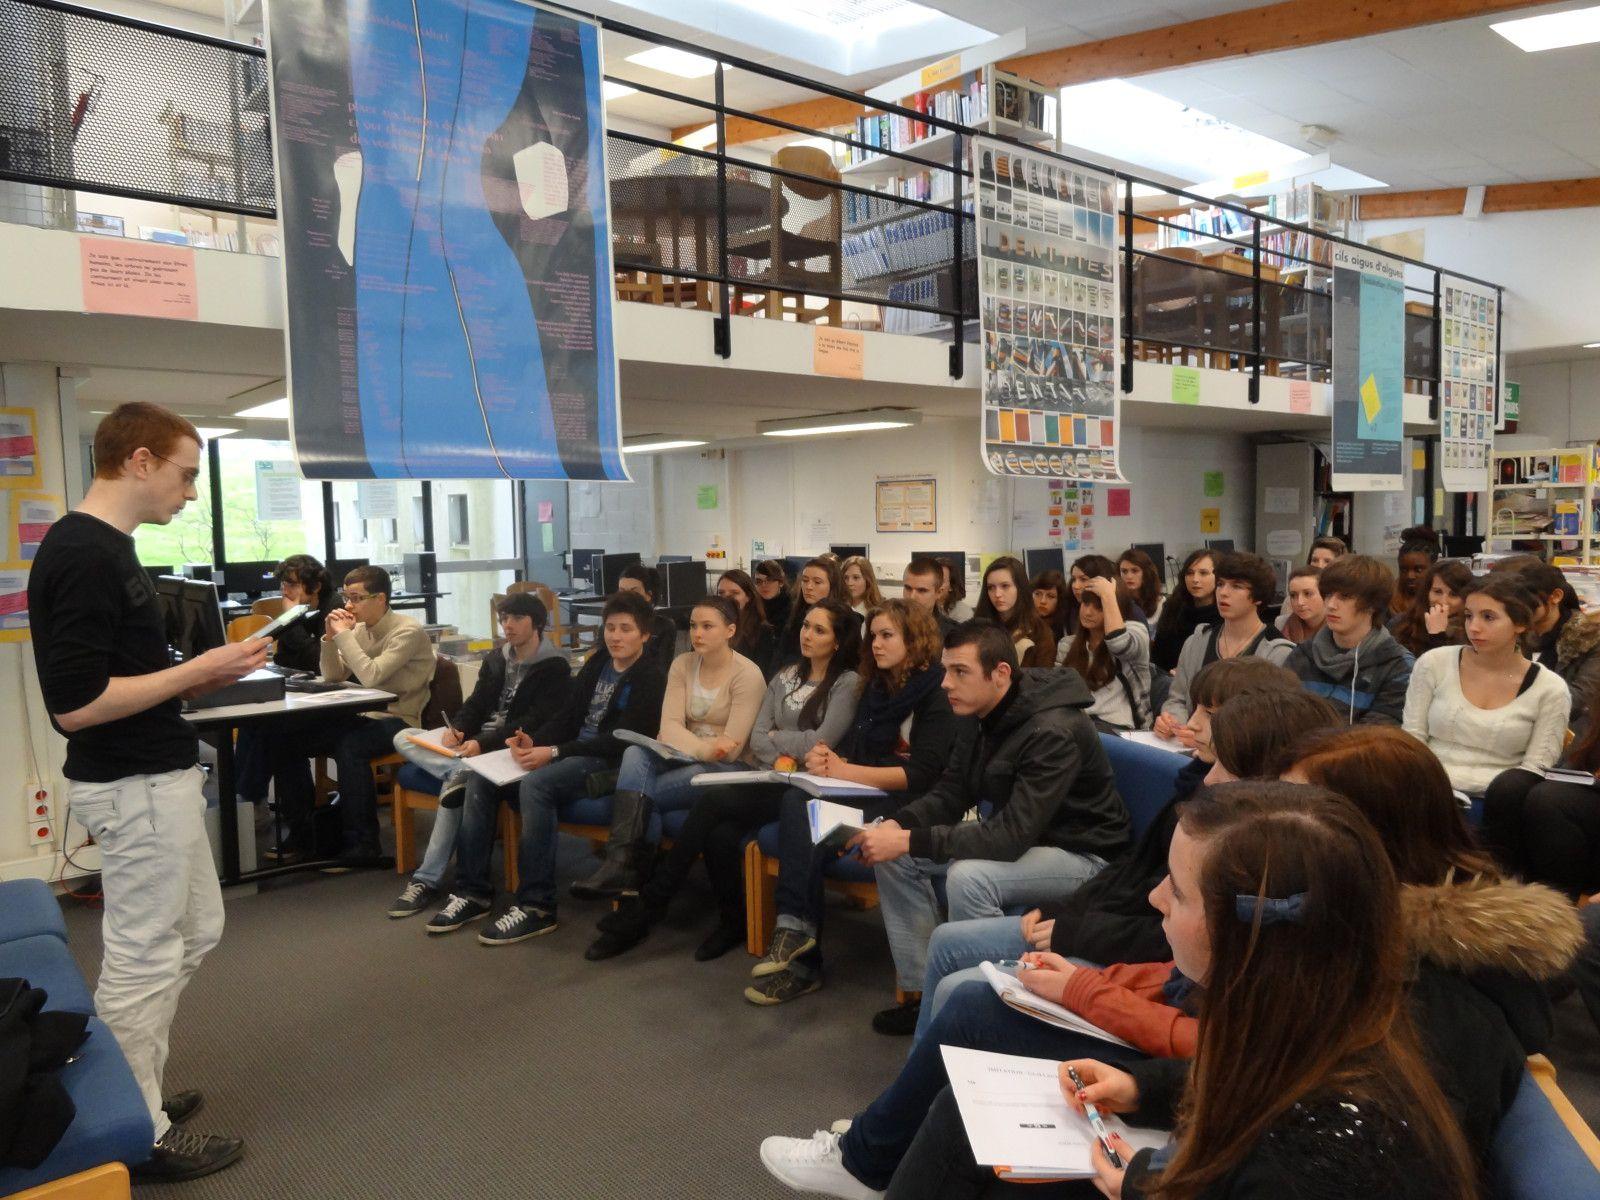 Le 27 février 2012, les lycéens d'i-voix ont rencontré l'écrivain Guillaume Vissac auteur du Livre des peurs primaires publié aux éditions Publie.net.